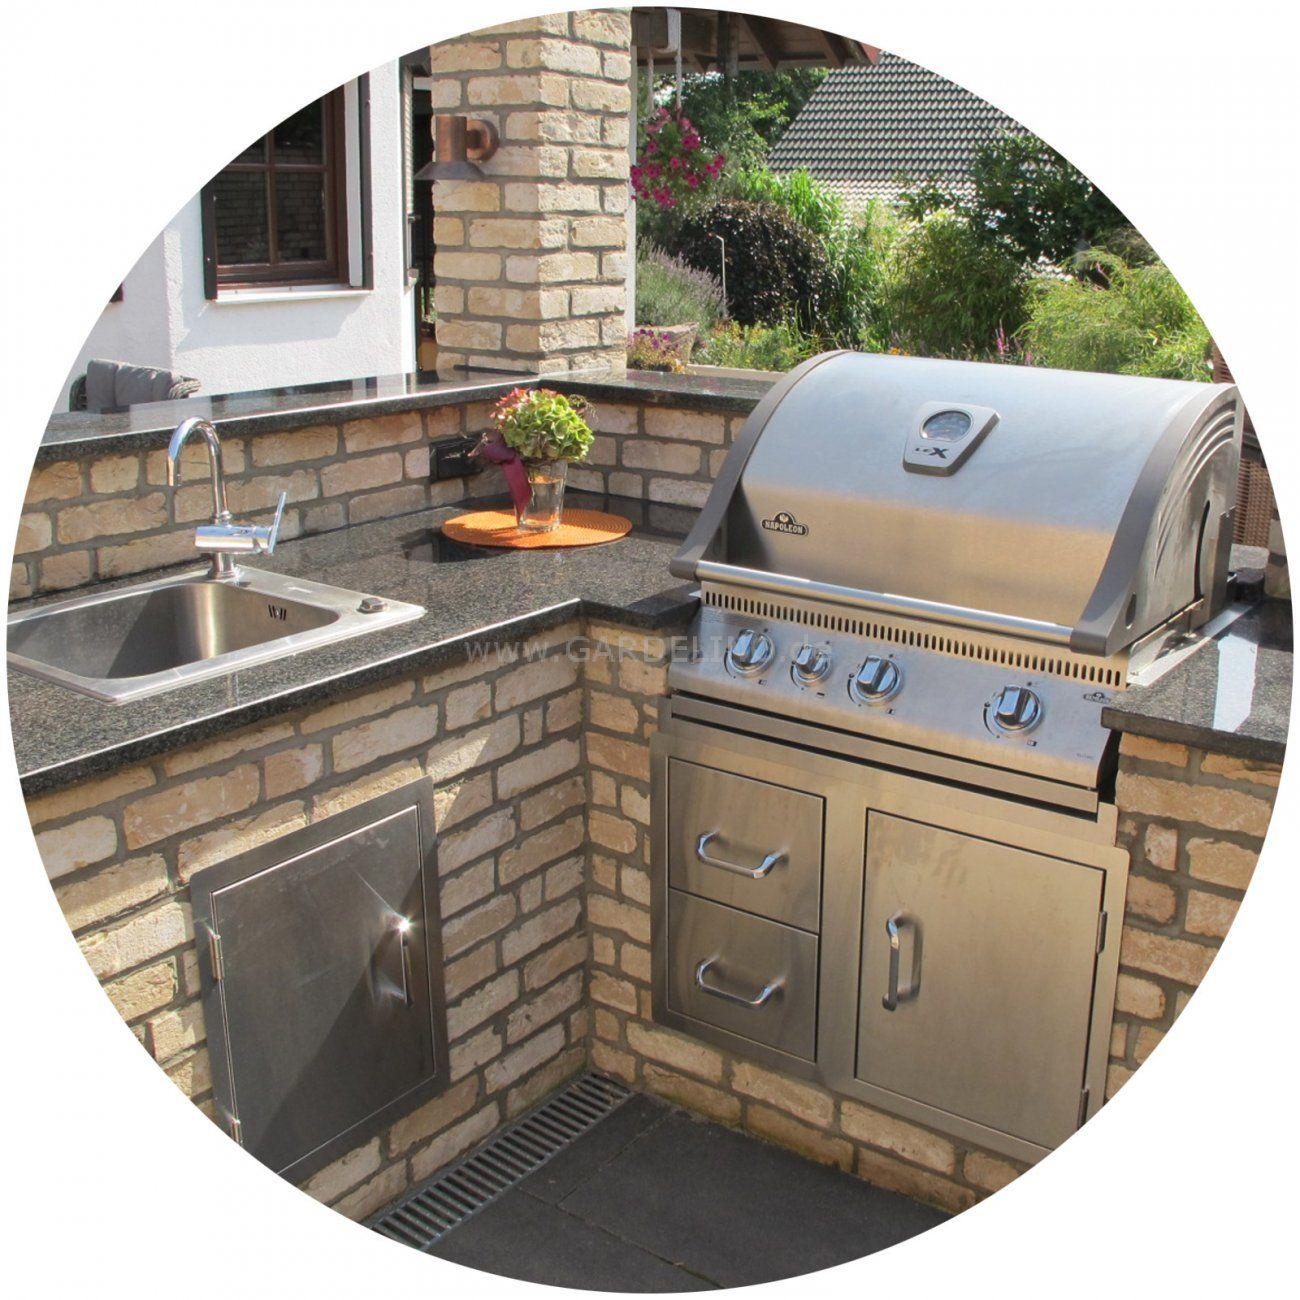 Einbau Gasgrill Outdoor Küche : Outdoor küche einbau gasgrill küche grill einbauen